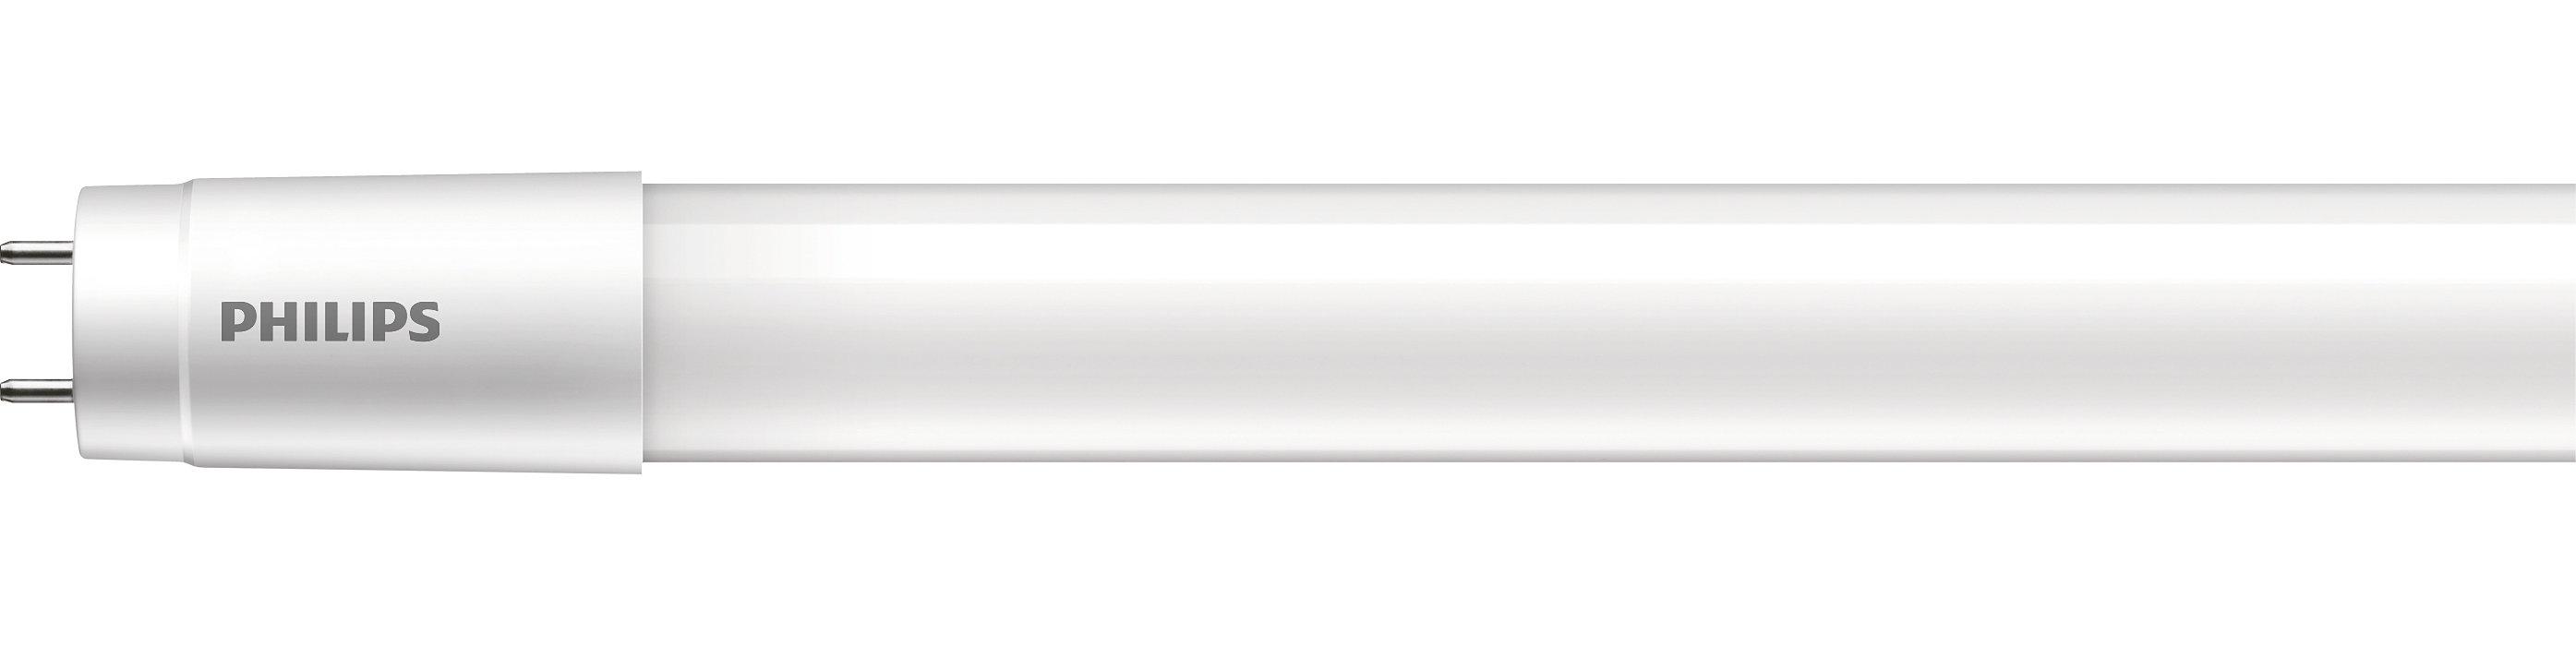 Essential LEDtube - это доступное решение на основе светодиодов.